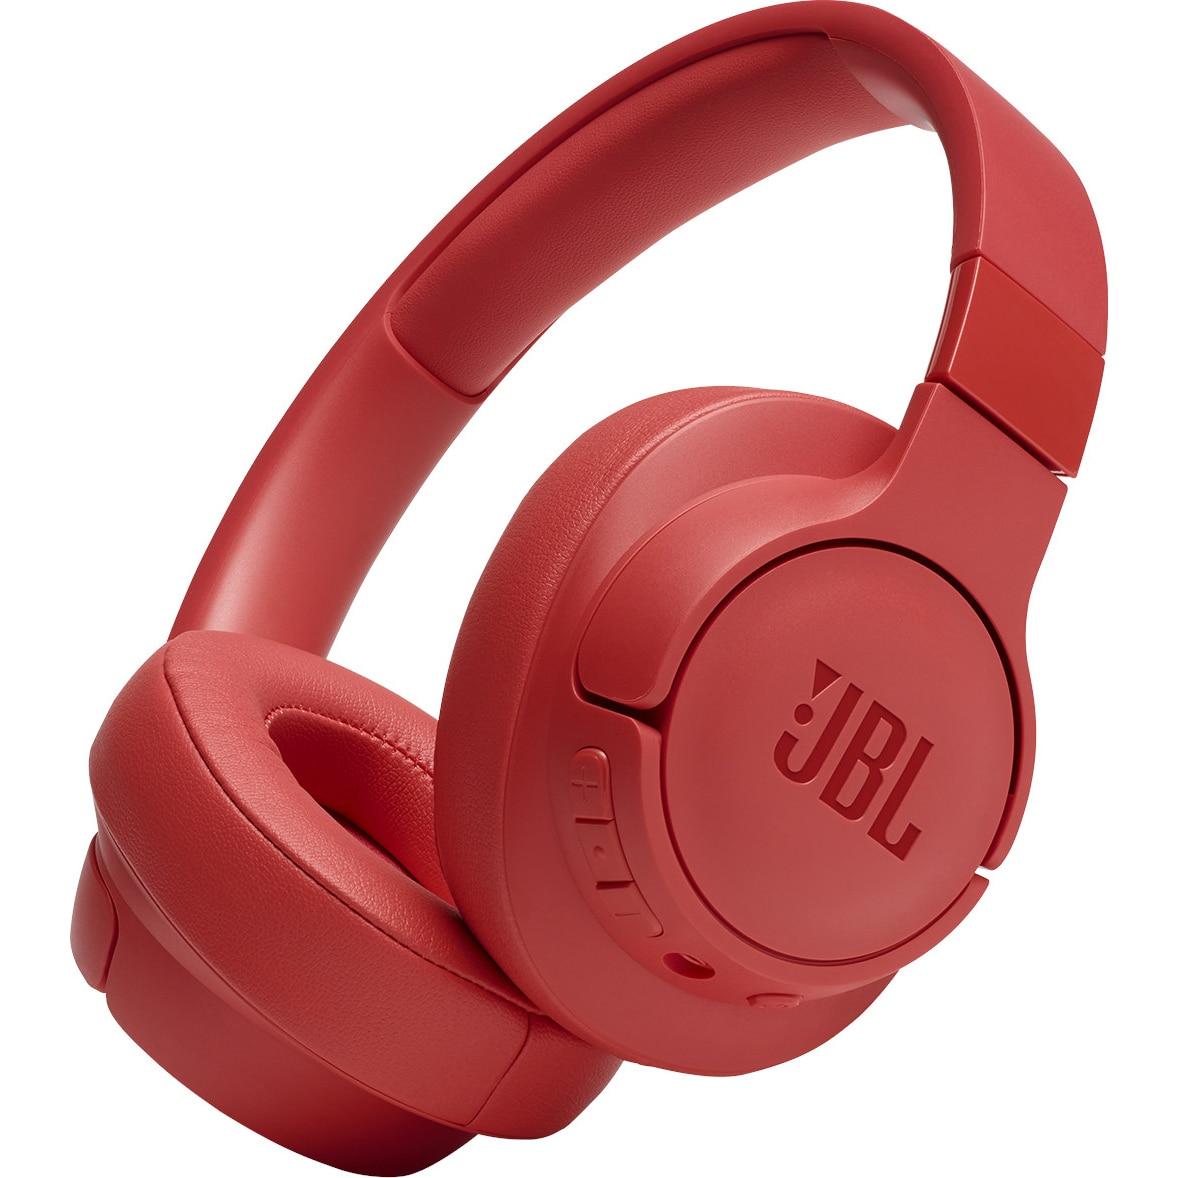 Fotografie Casti Audio Over the Ear JBL Tune 700BT, Wireless, Bluetooth, Autonomie 24 ore, Portocaliu